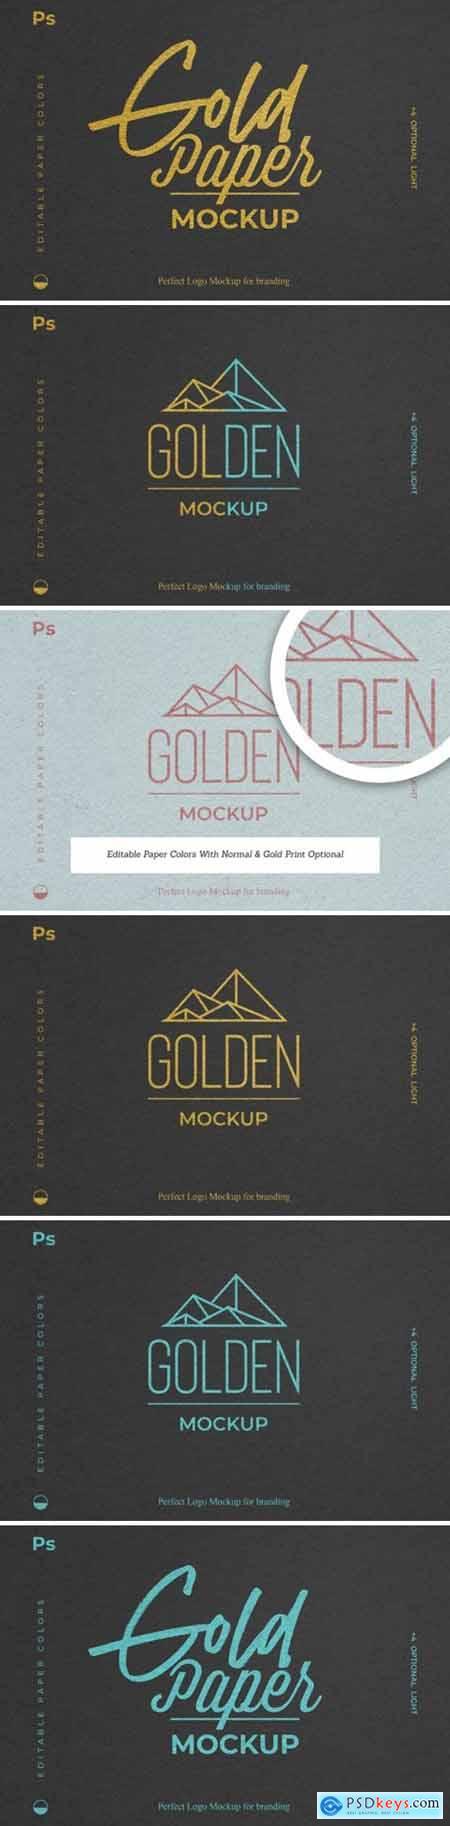 Gold Foil Paper Logo Mockup 2200904